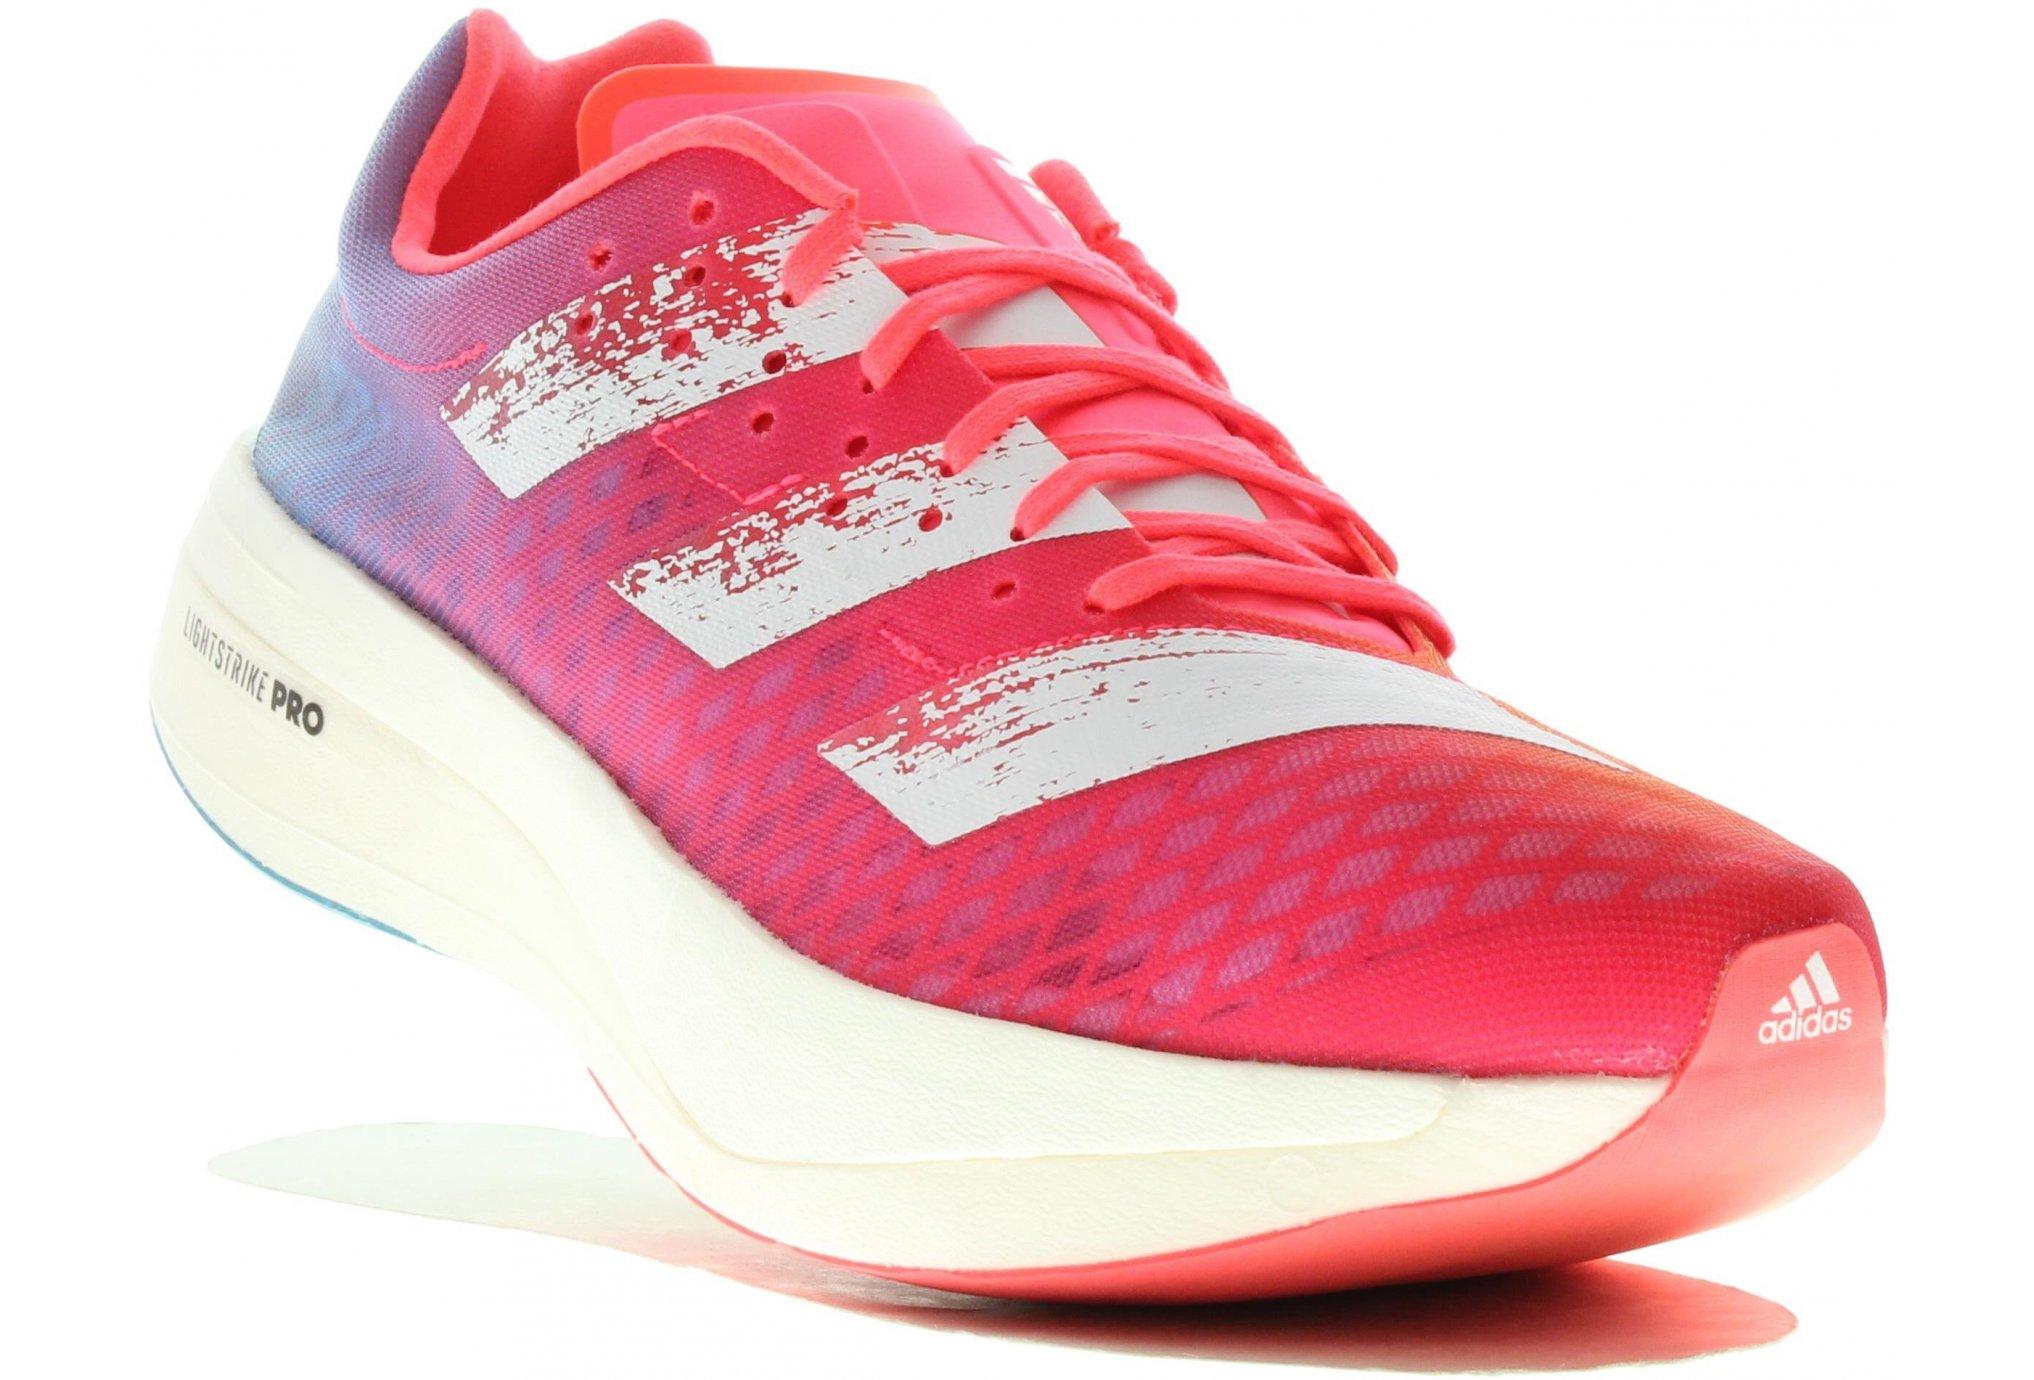 adidas adizero adios Pro Chaussures running femme